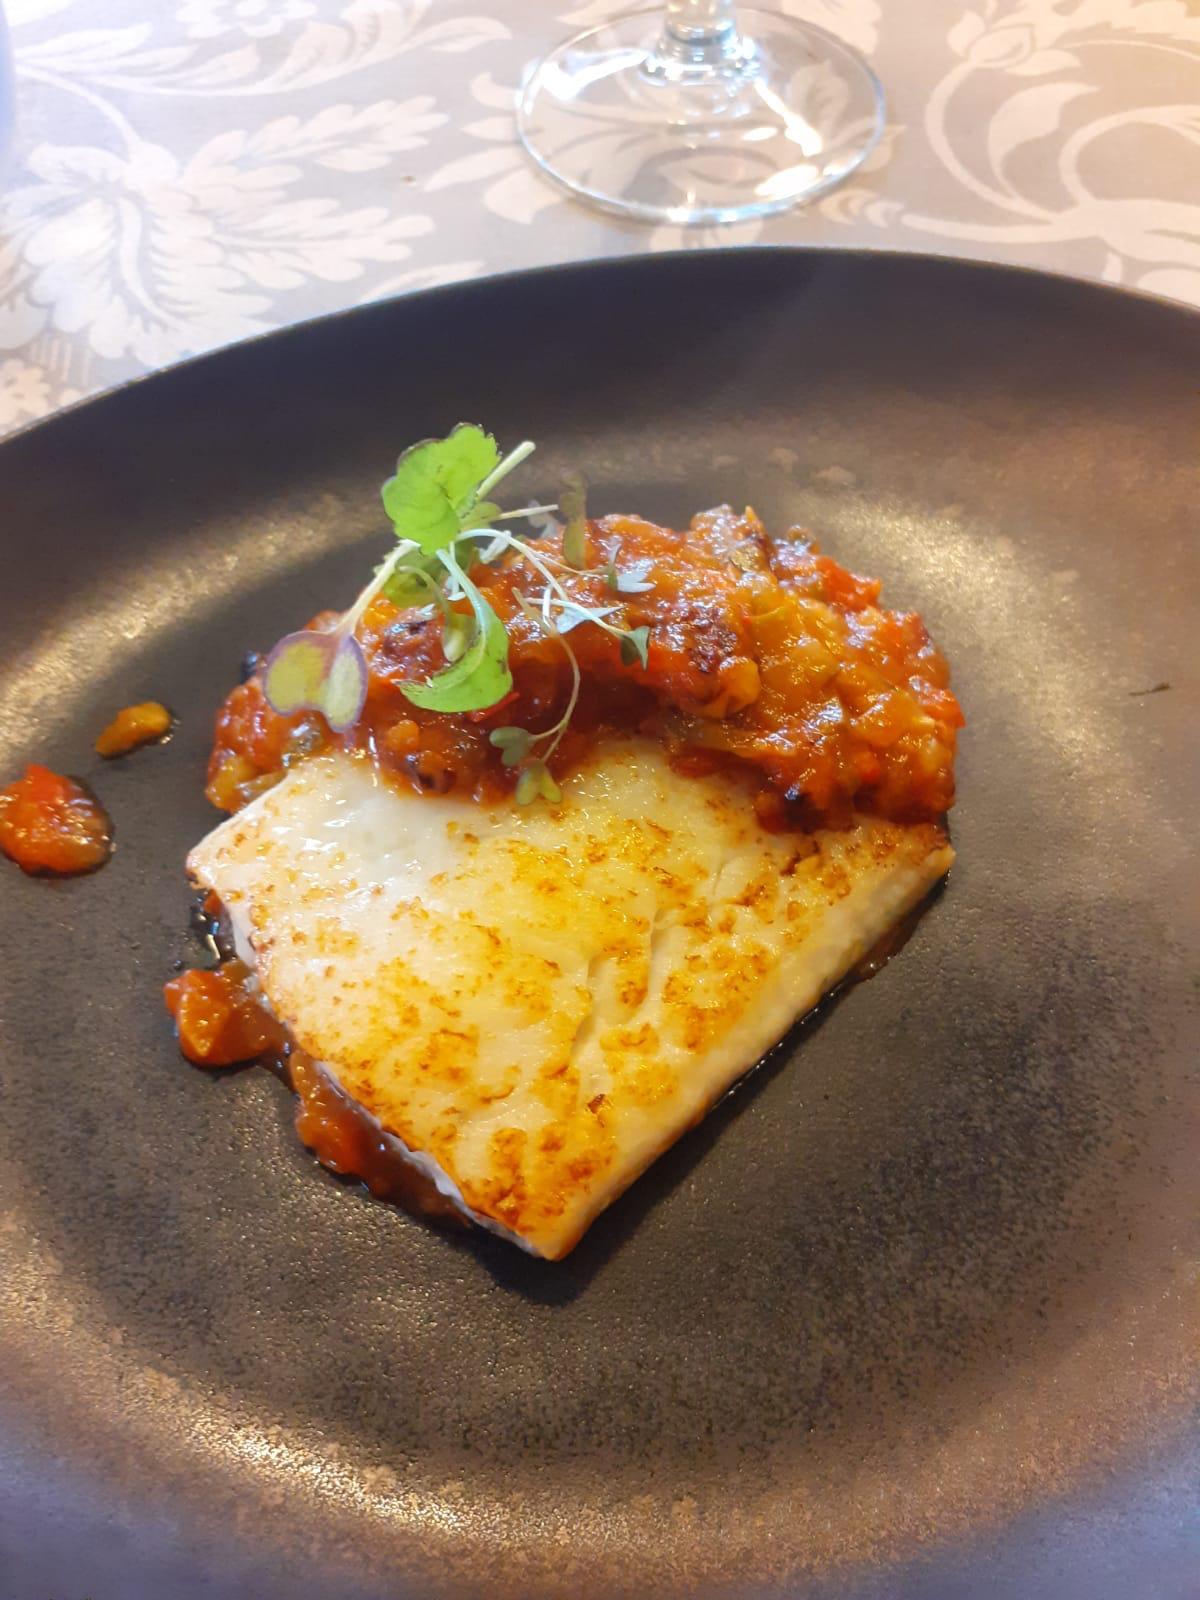 Reseñas Gastronómicas: Restaurante Anibal en Igüeña 4